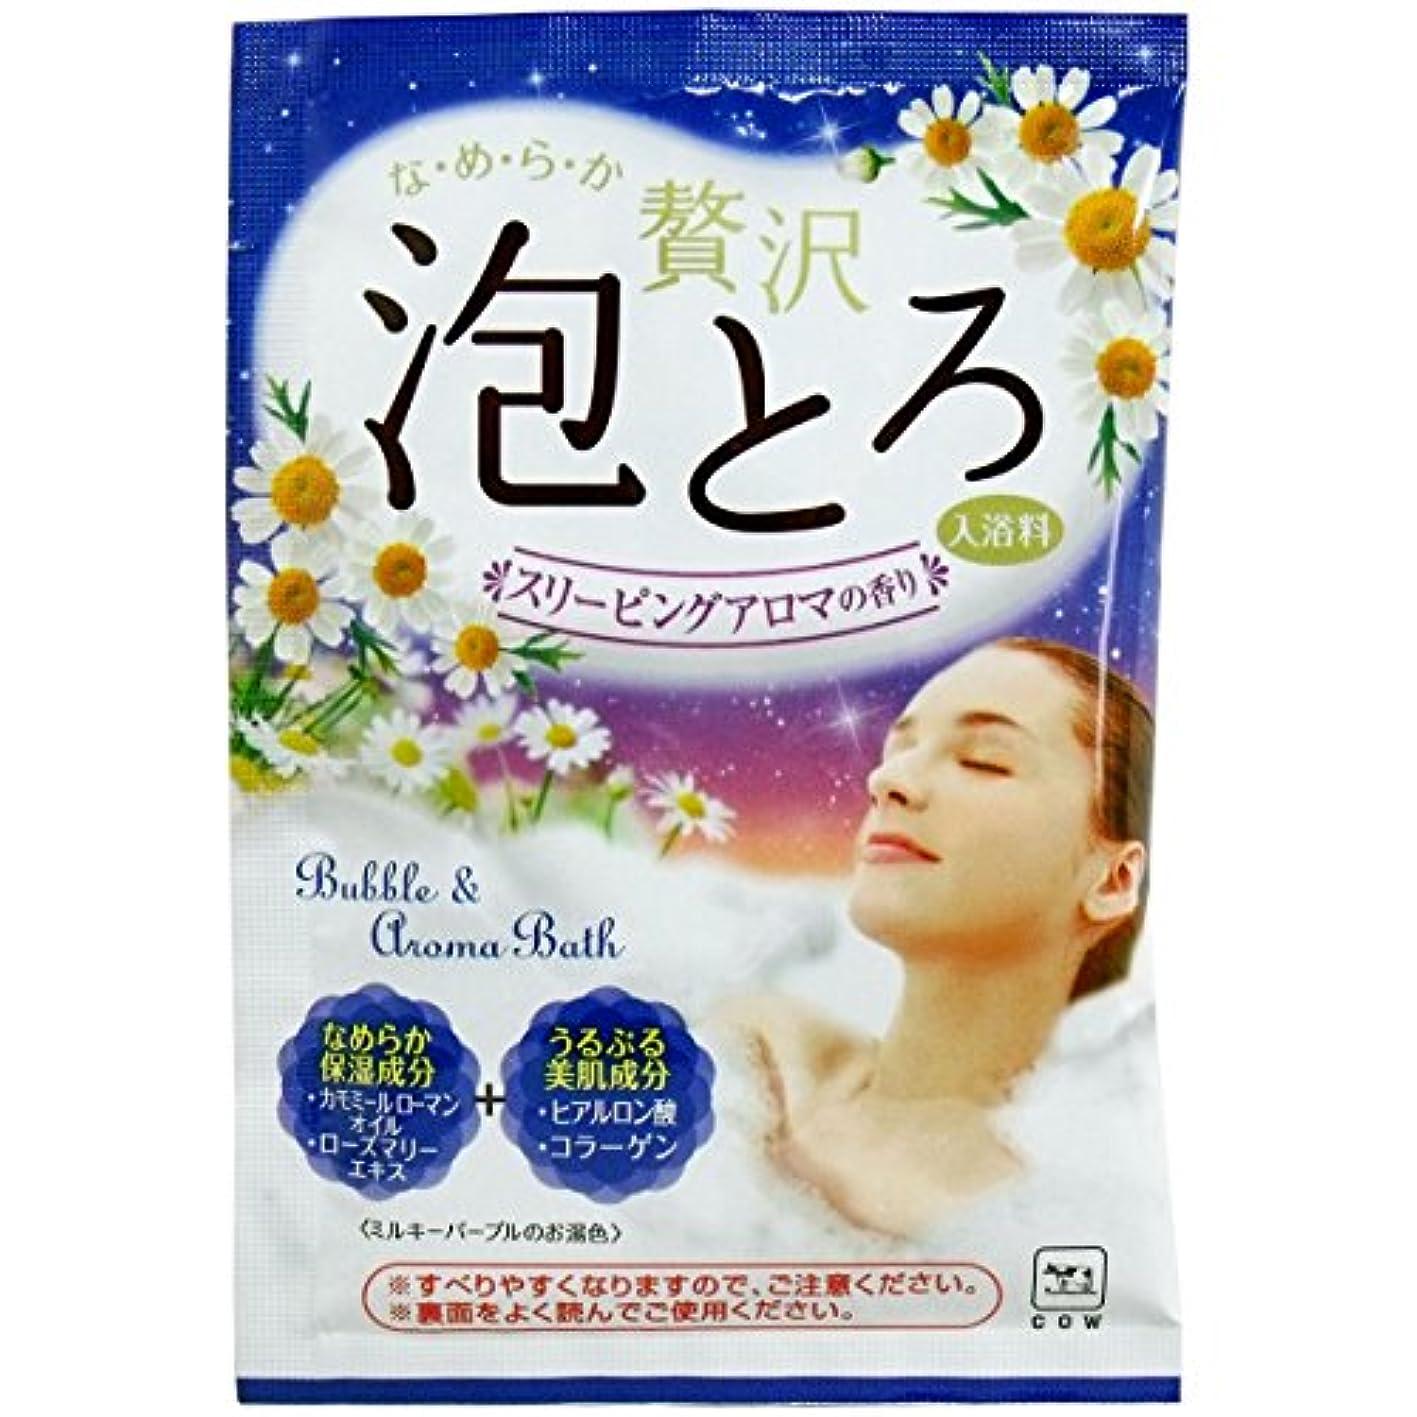 悲惨ゾーン感じ(まとめ買い)お湯物語 贅沢泡とろ入浴料 スリーピングアロマの香り 30g×15セット